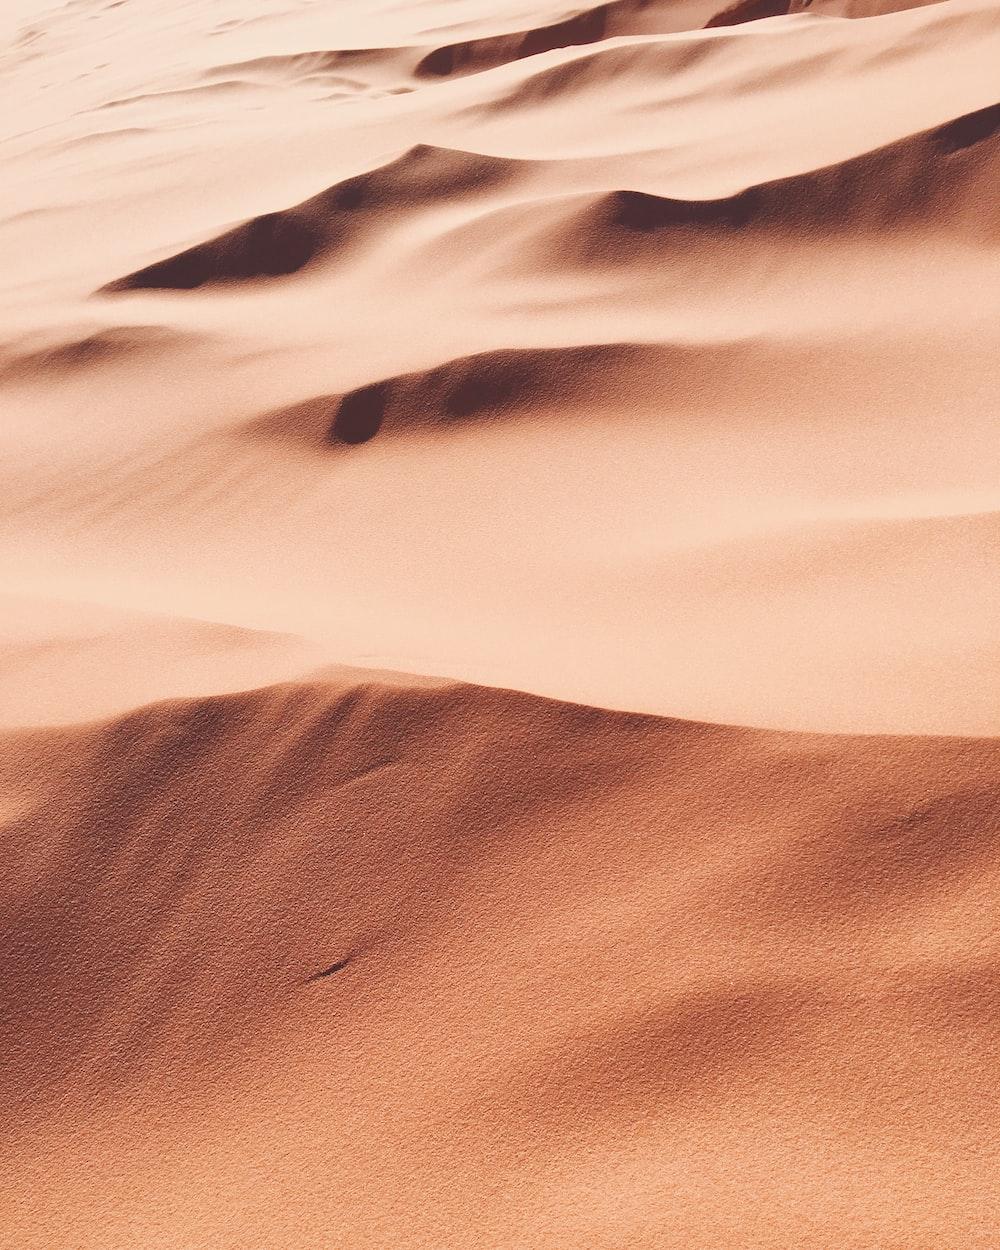 photo of desert sand